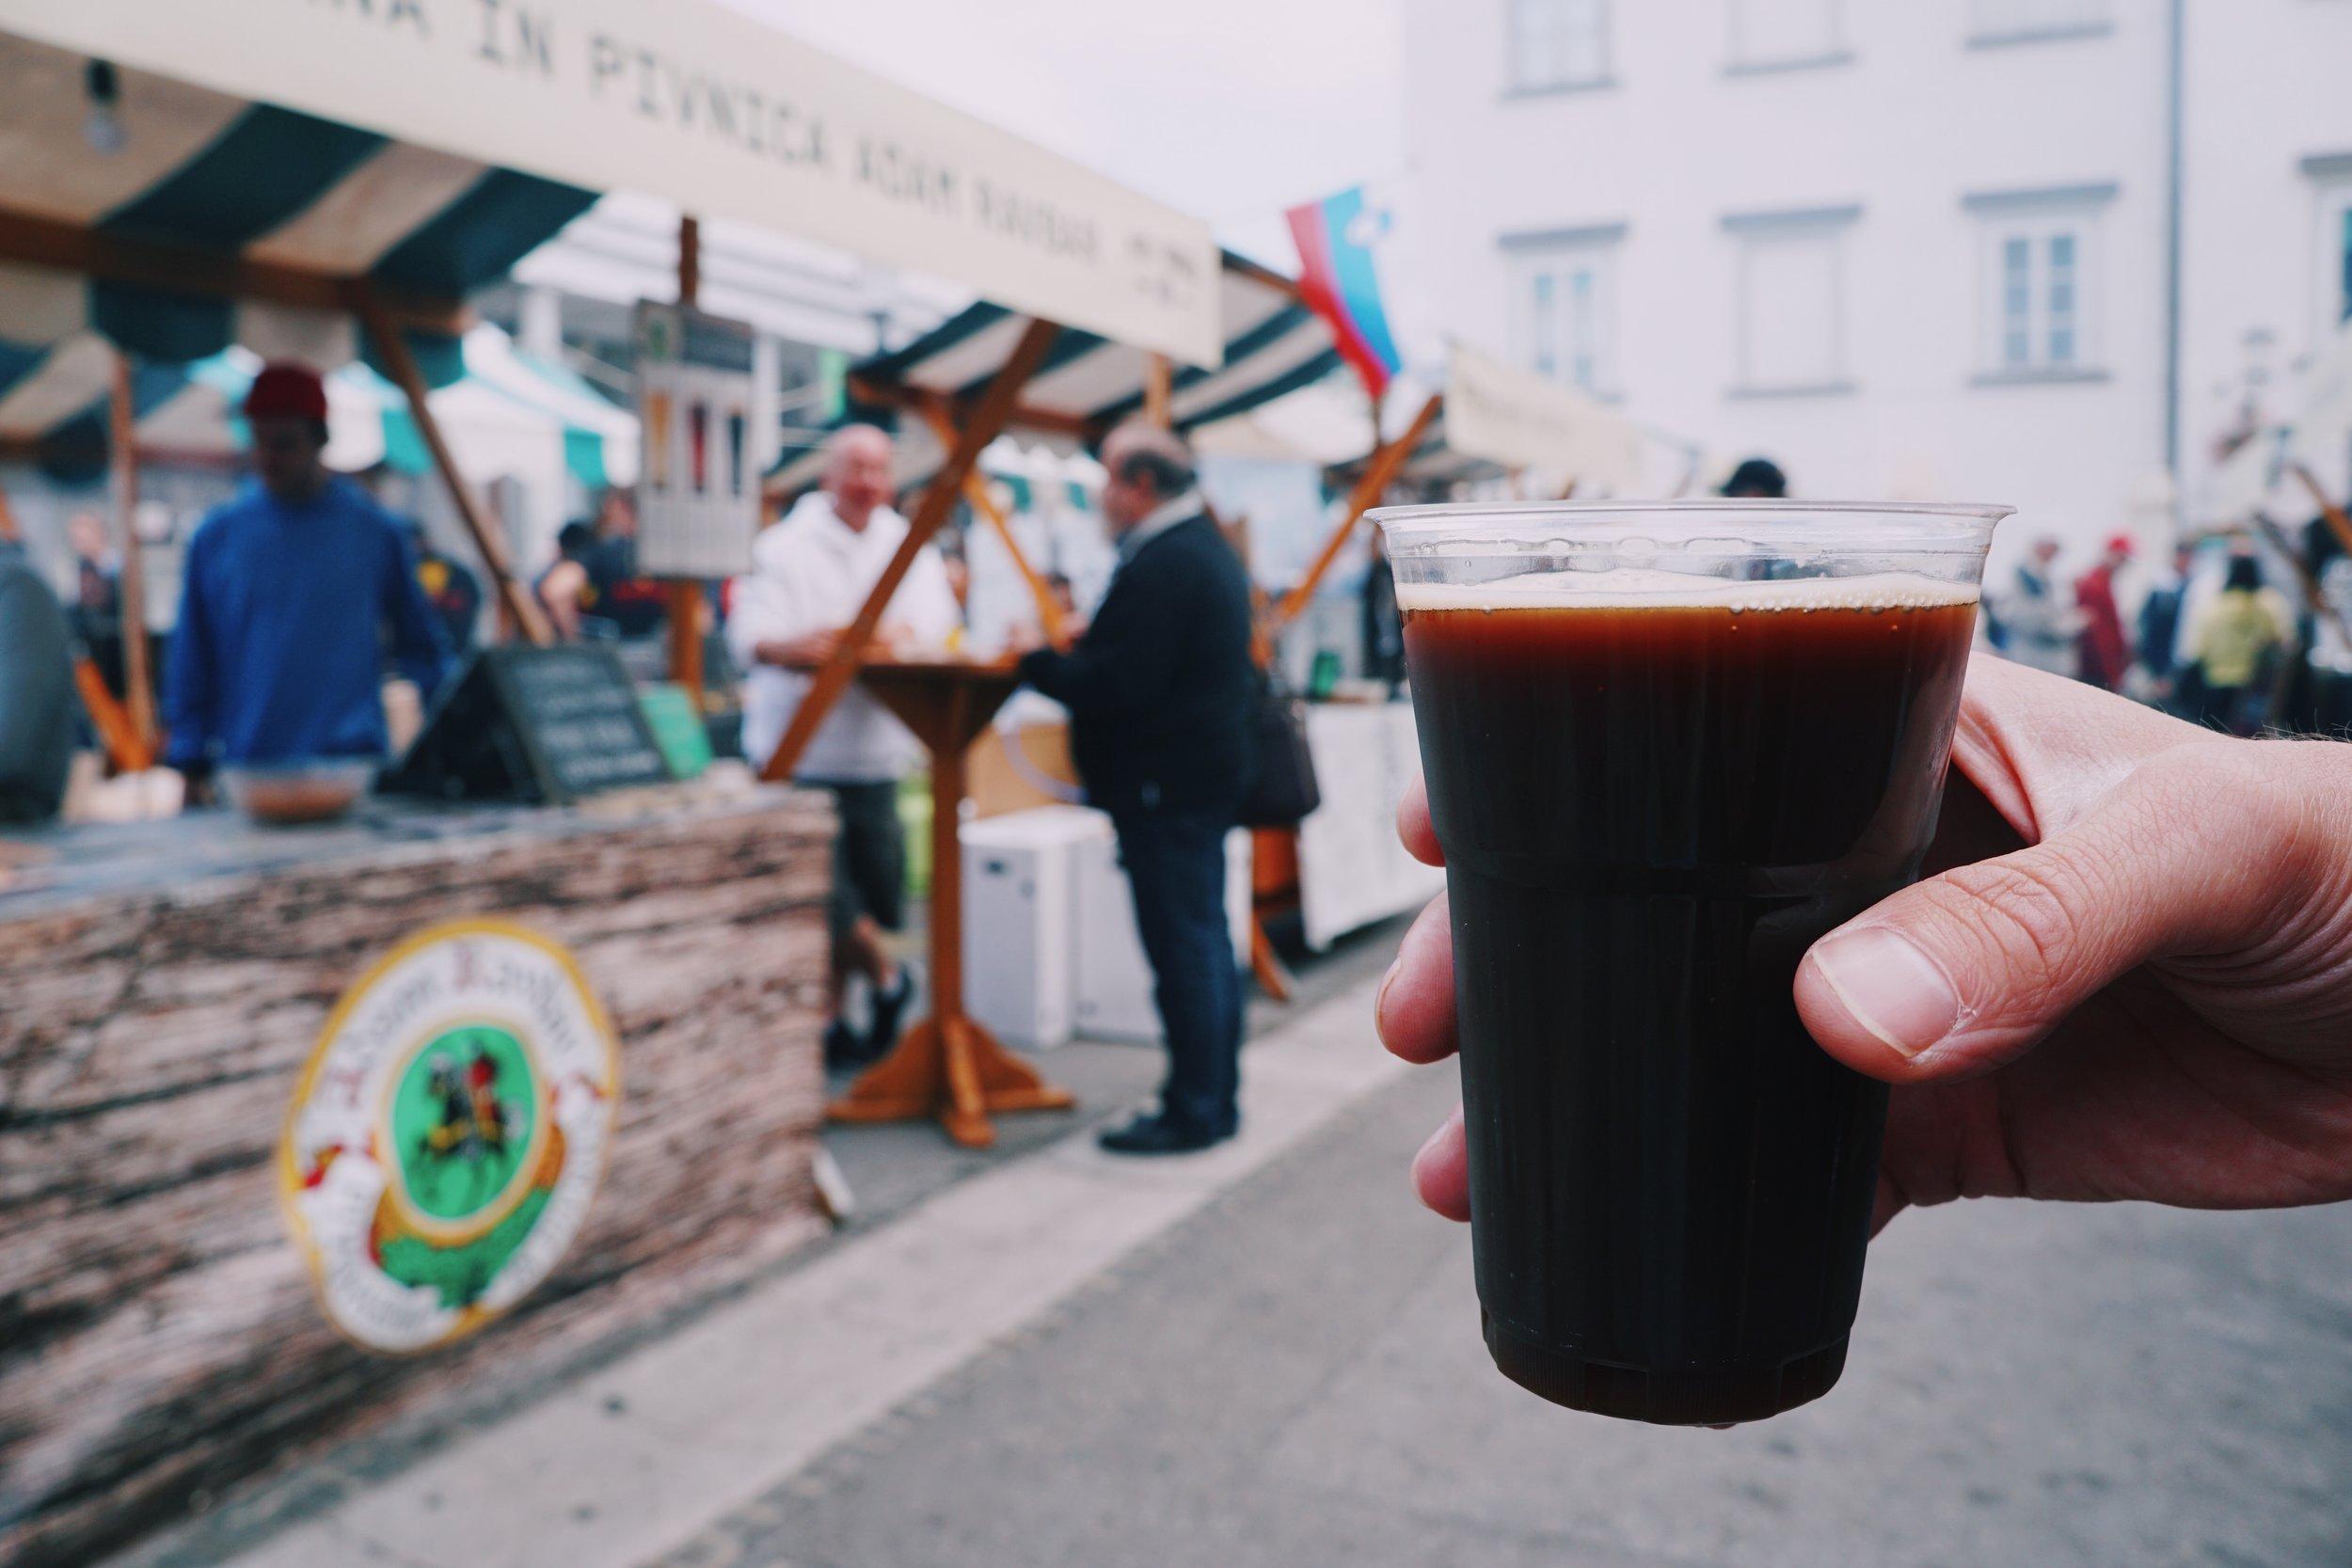 10. Taste local craft beer -